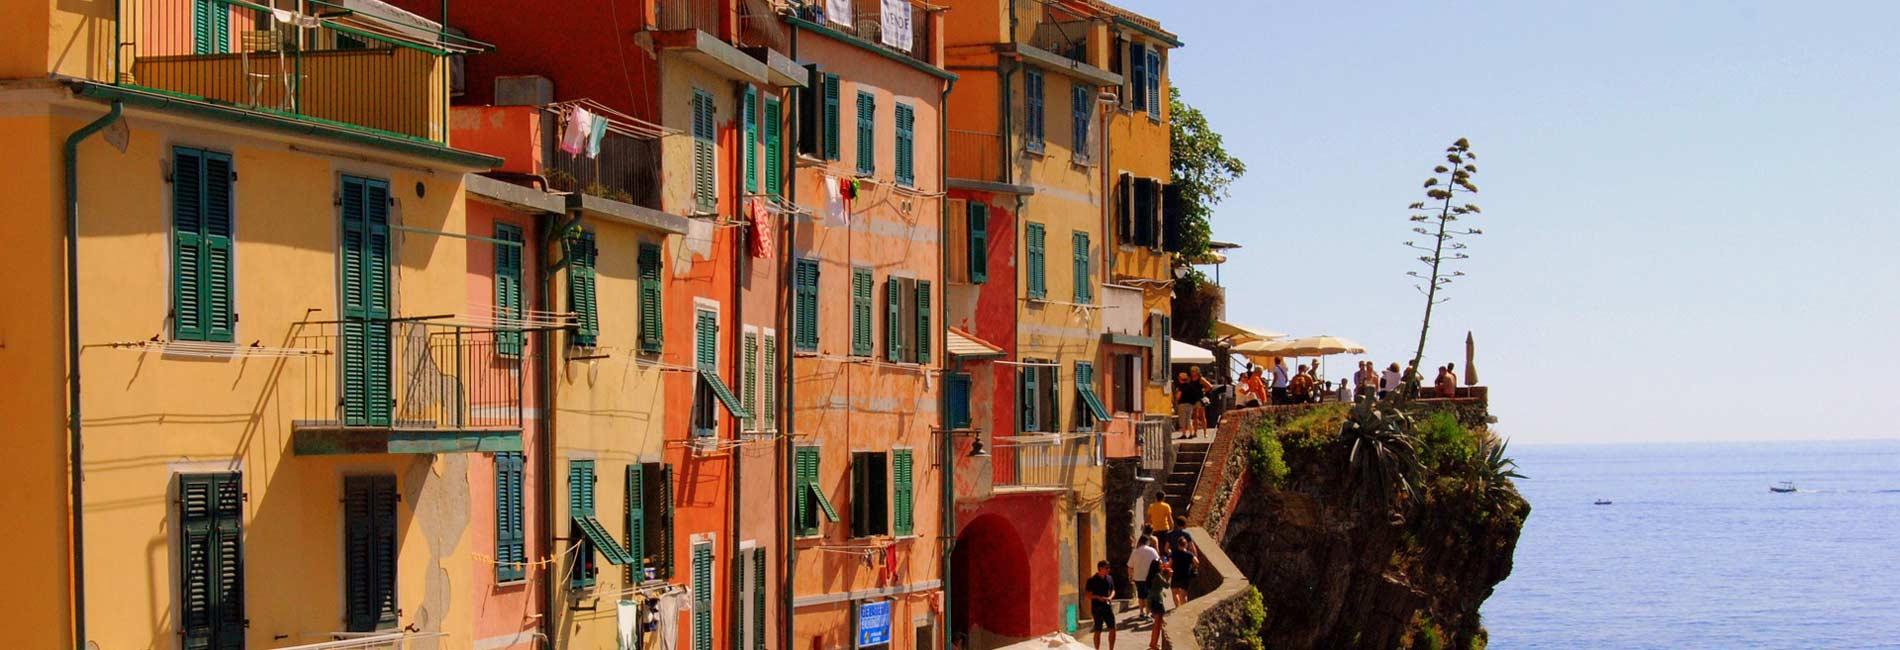 Foto delle case colorate di Riomaggiore